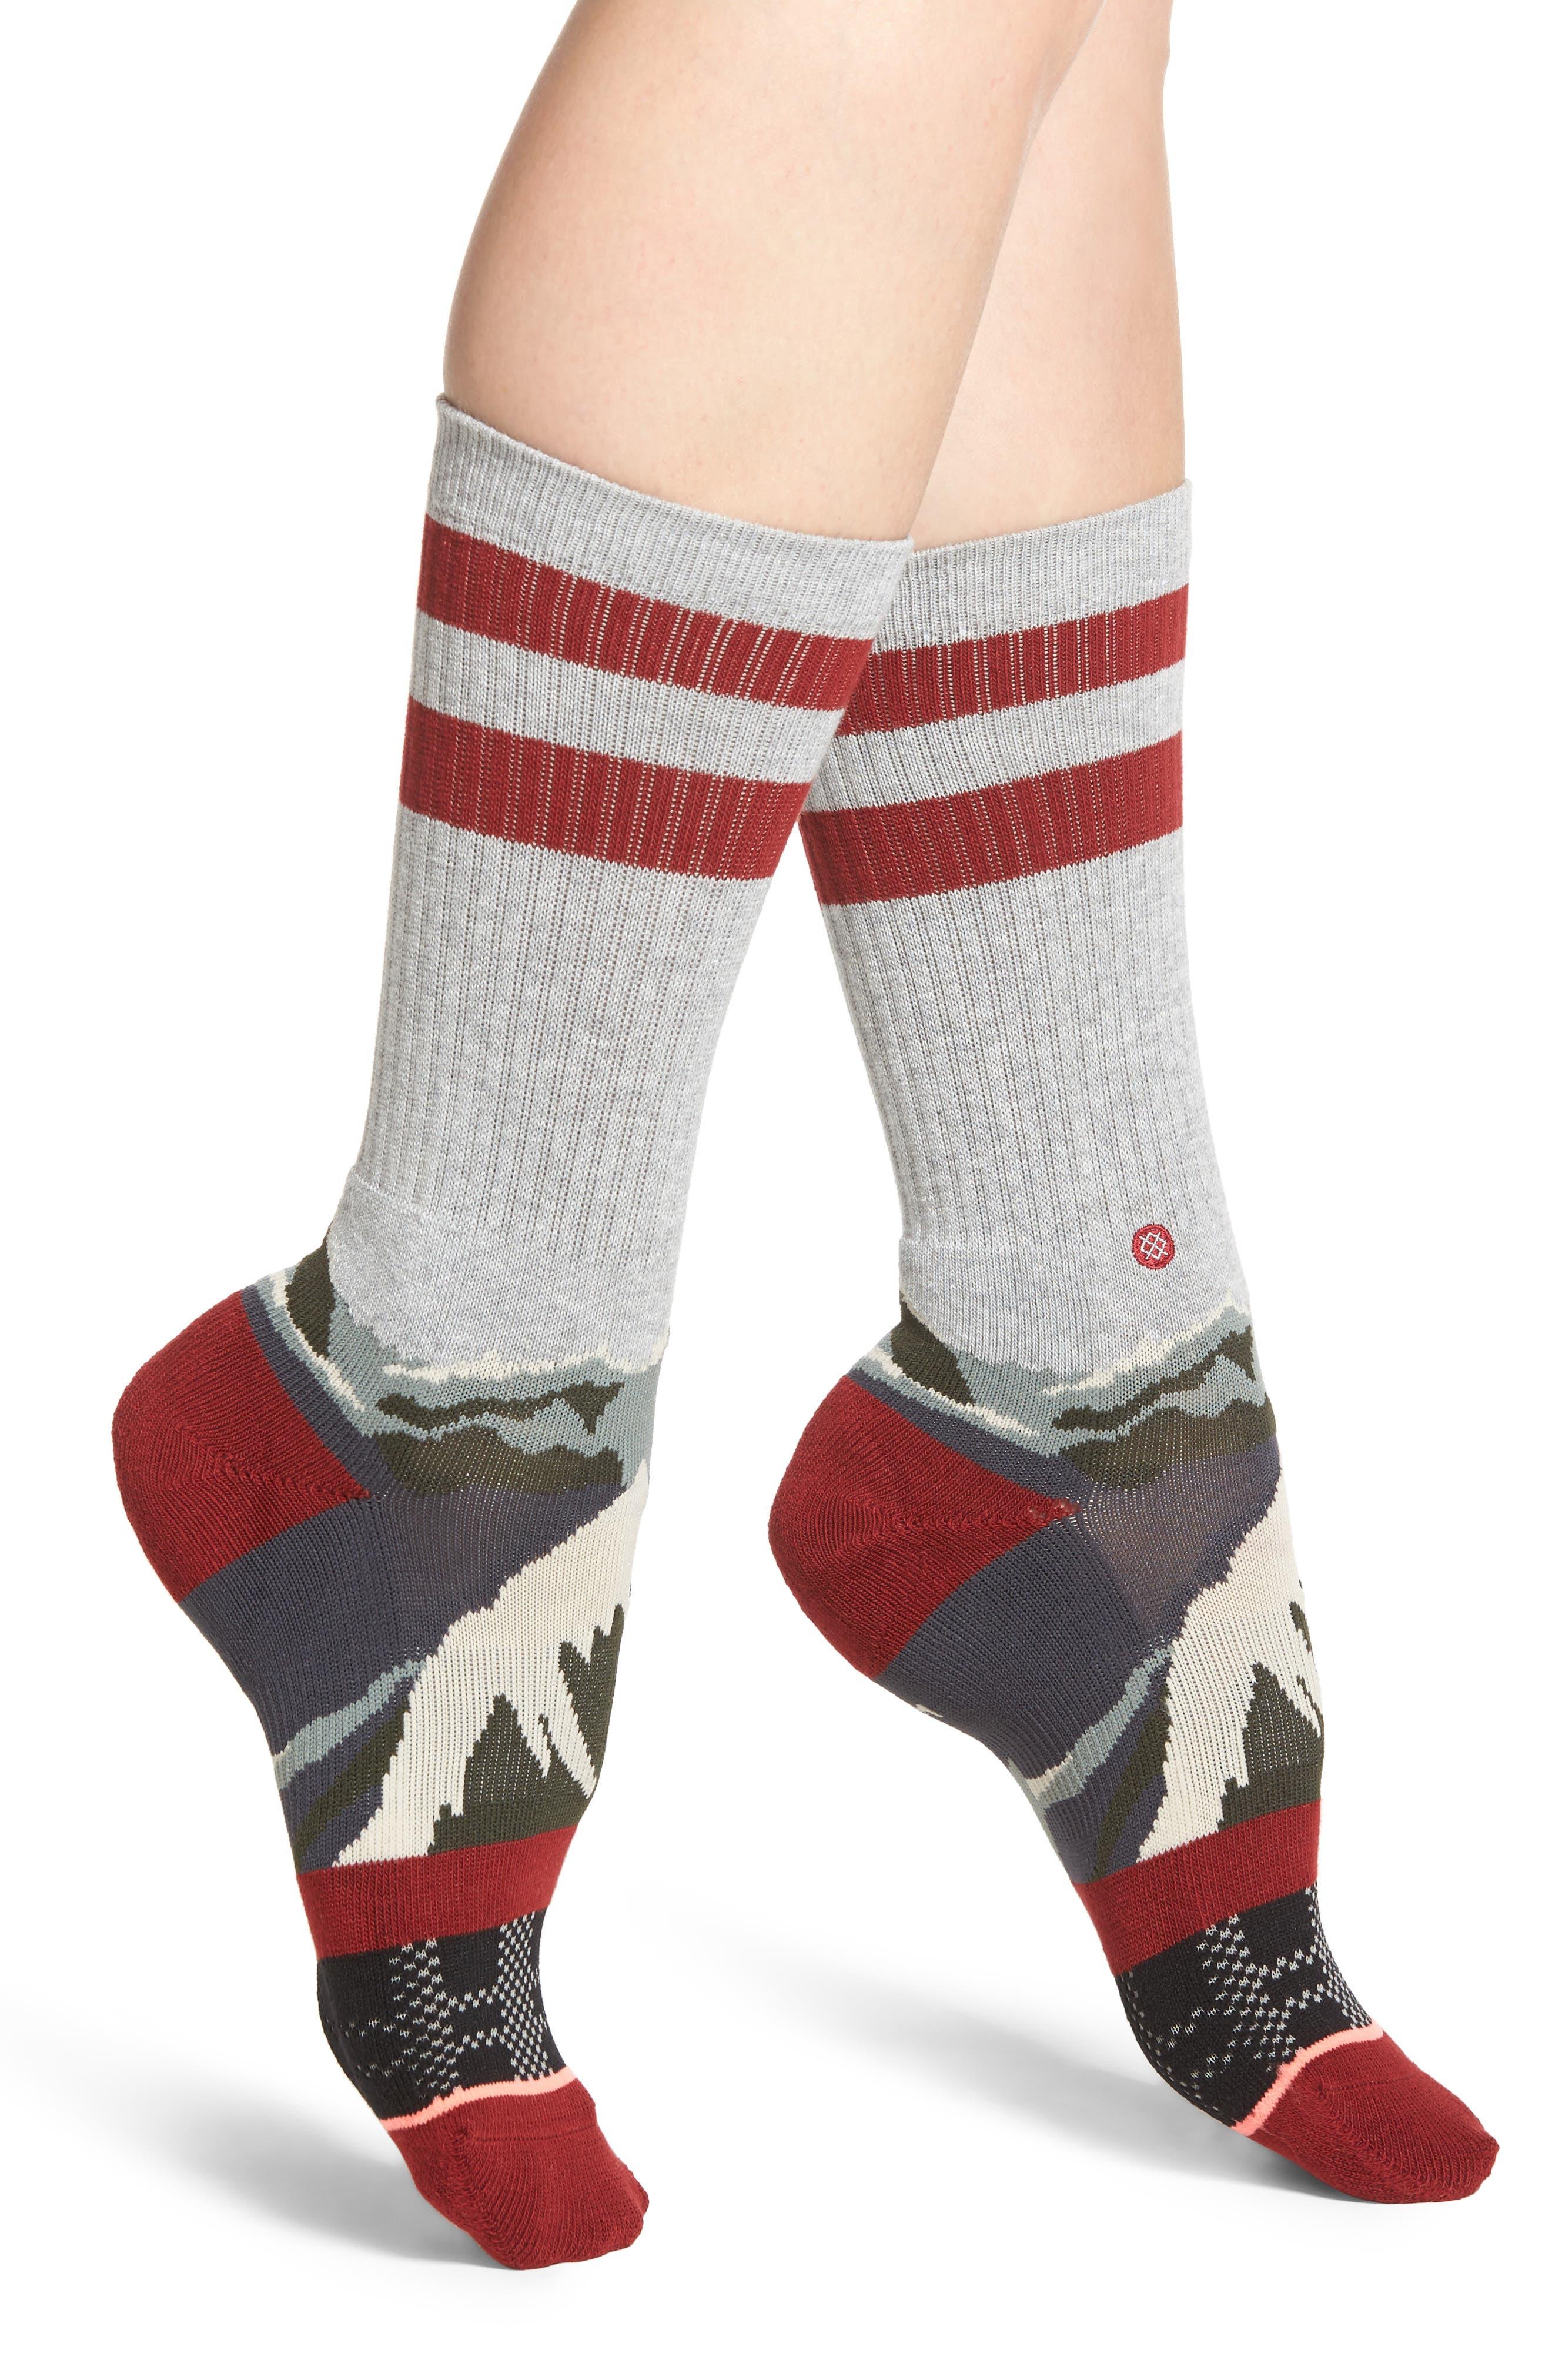 Happy Camper Crew Socks,                         Main,                         color, Grey Heather